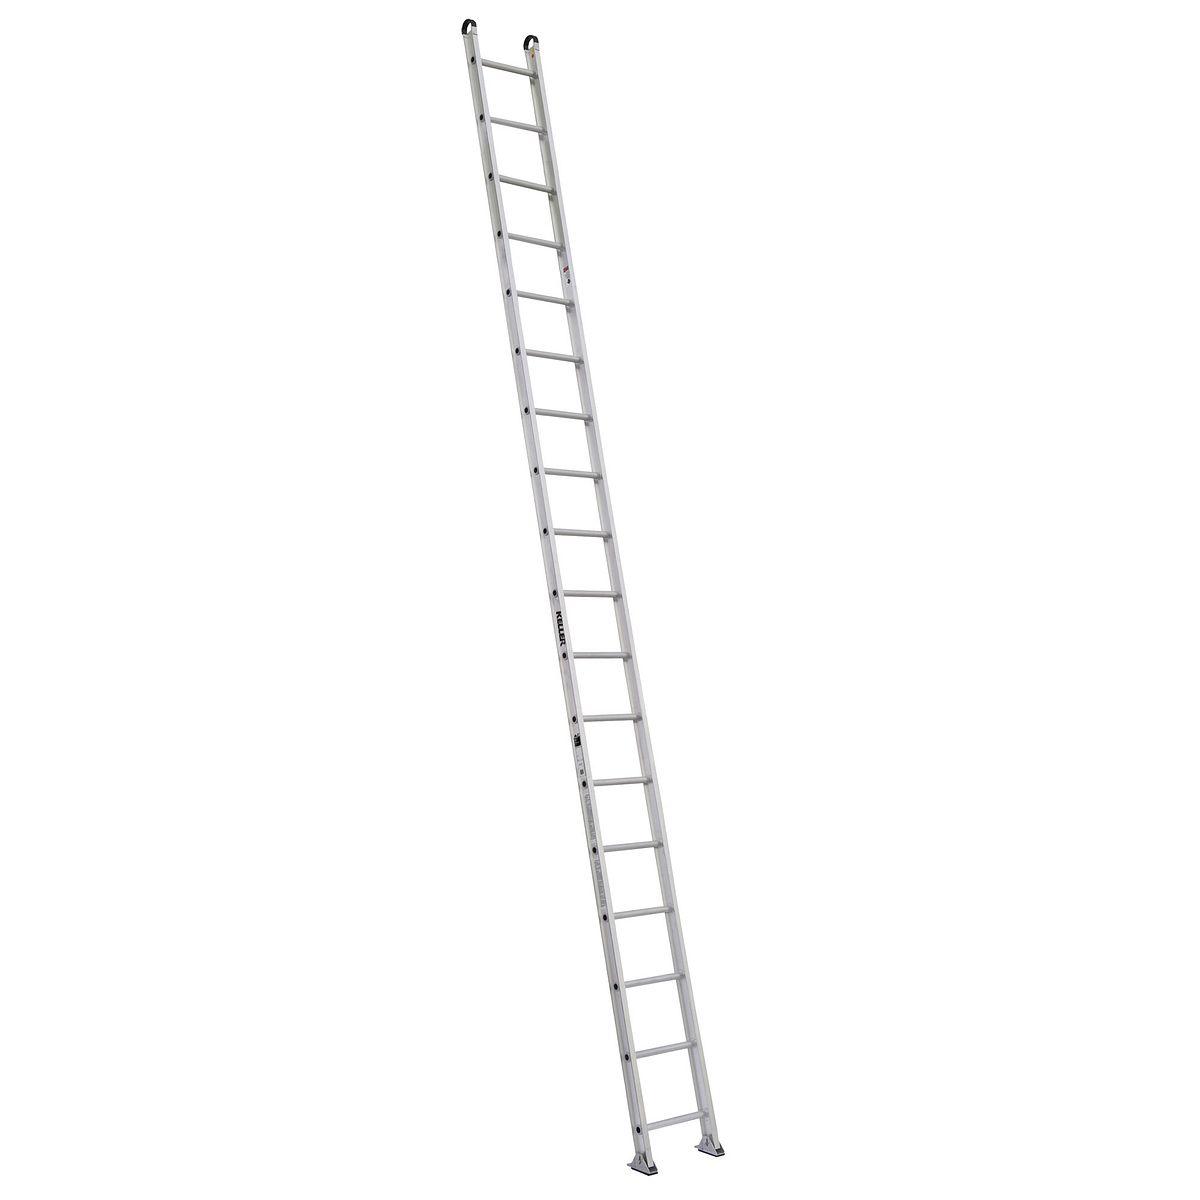 4318 1 Extension Ladders Keller Us